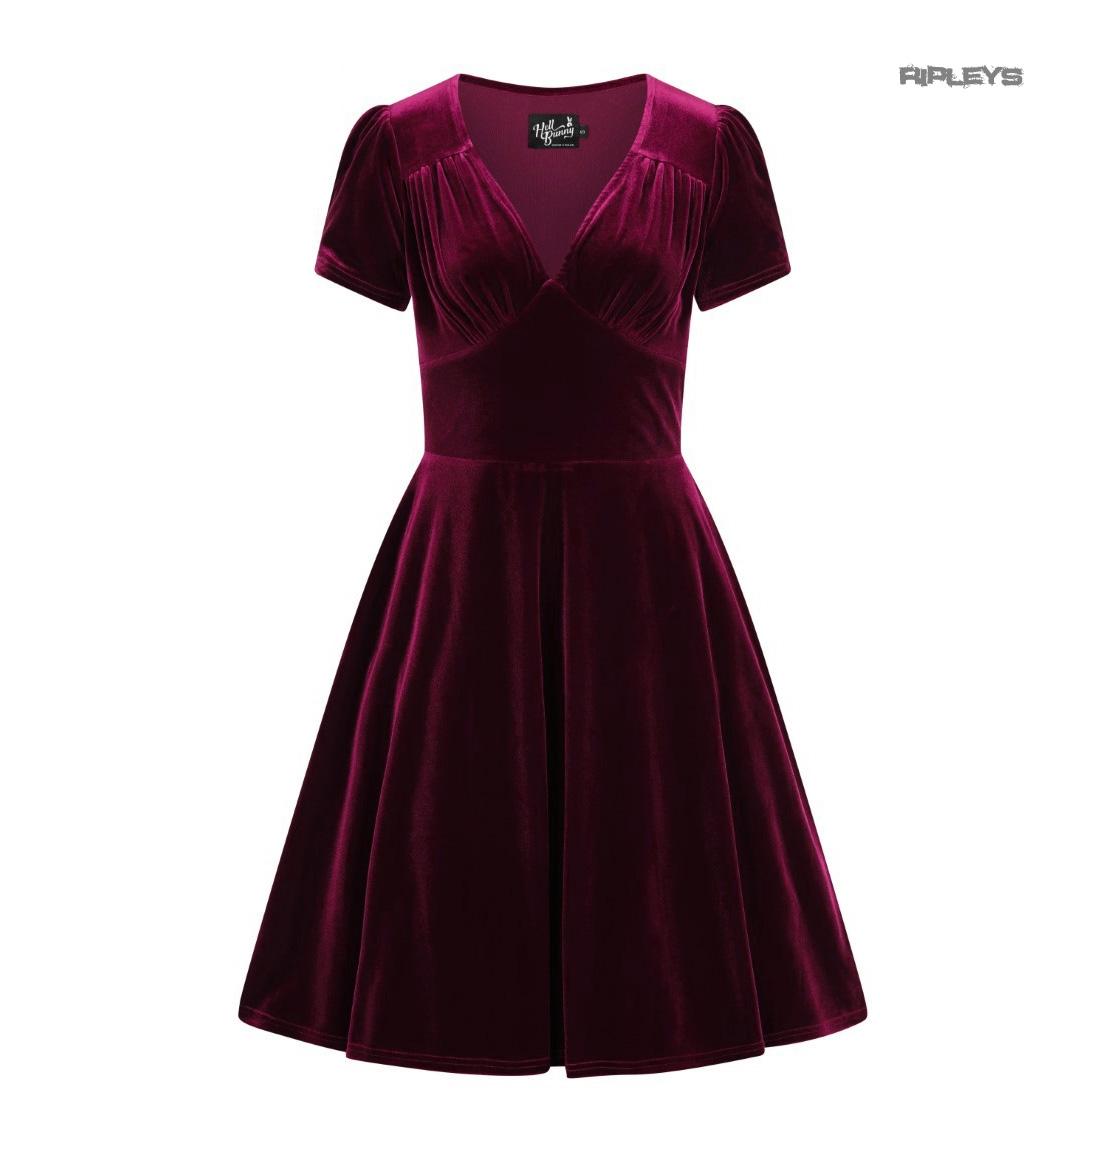 Hell-Bunny-40s-50s-Elegant-Pin-Up-Dress-JOANNE-Crushed-Velvet-Burgundy-All-Sizes thumbnail 16